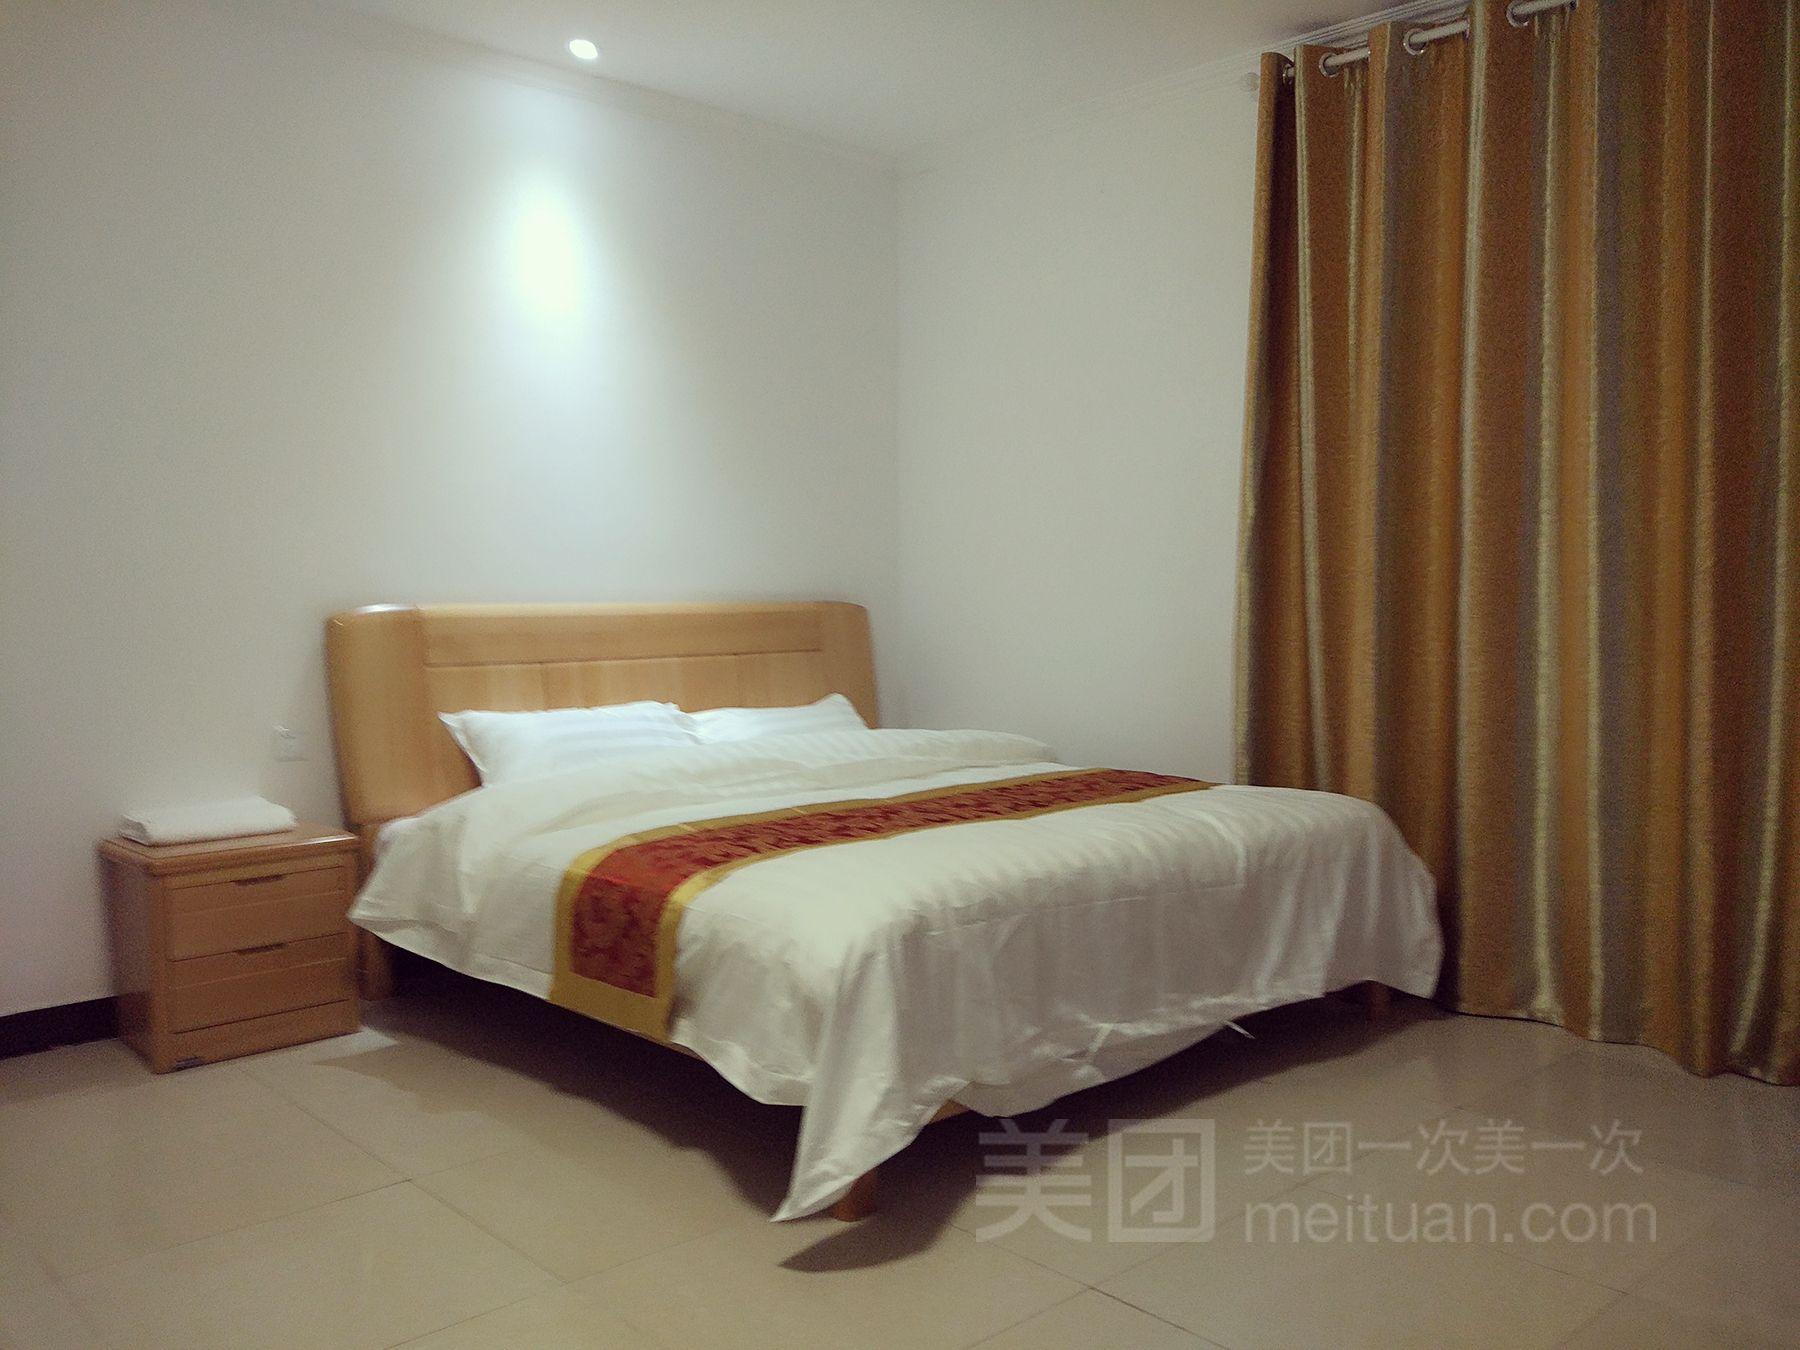 138酒店公寓预订/团购